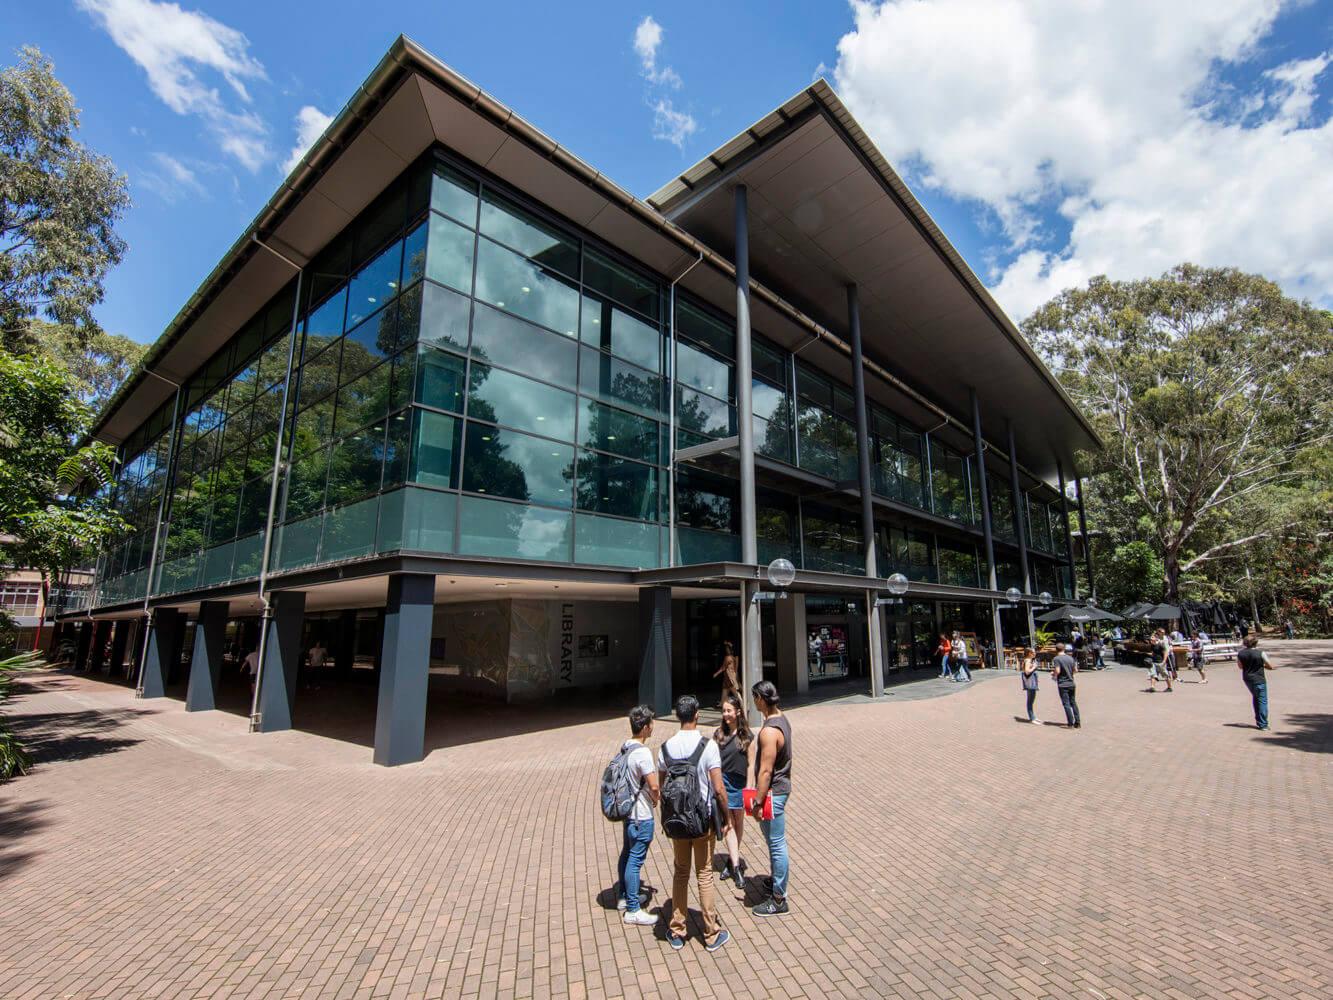 University of Wollongong, Úc mời trao đổi 1-1: Học gì để dễ kiếm việc làm sau khi tốt nghiệp? - Ảnh 1.